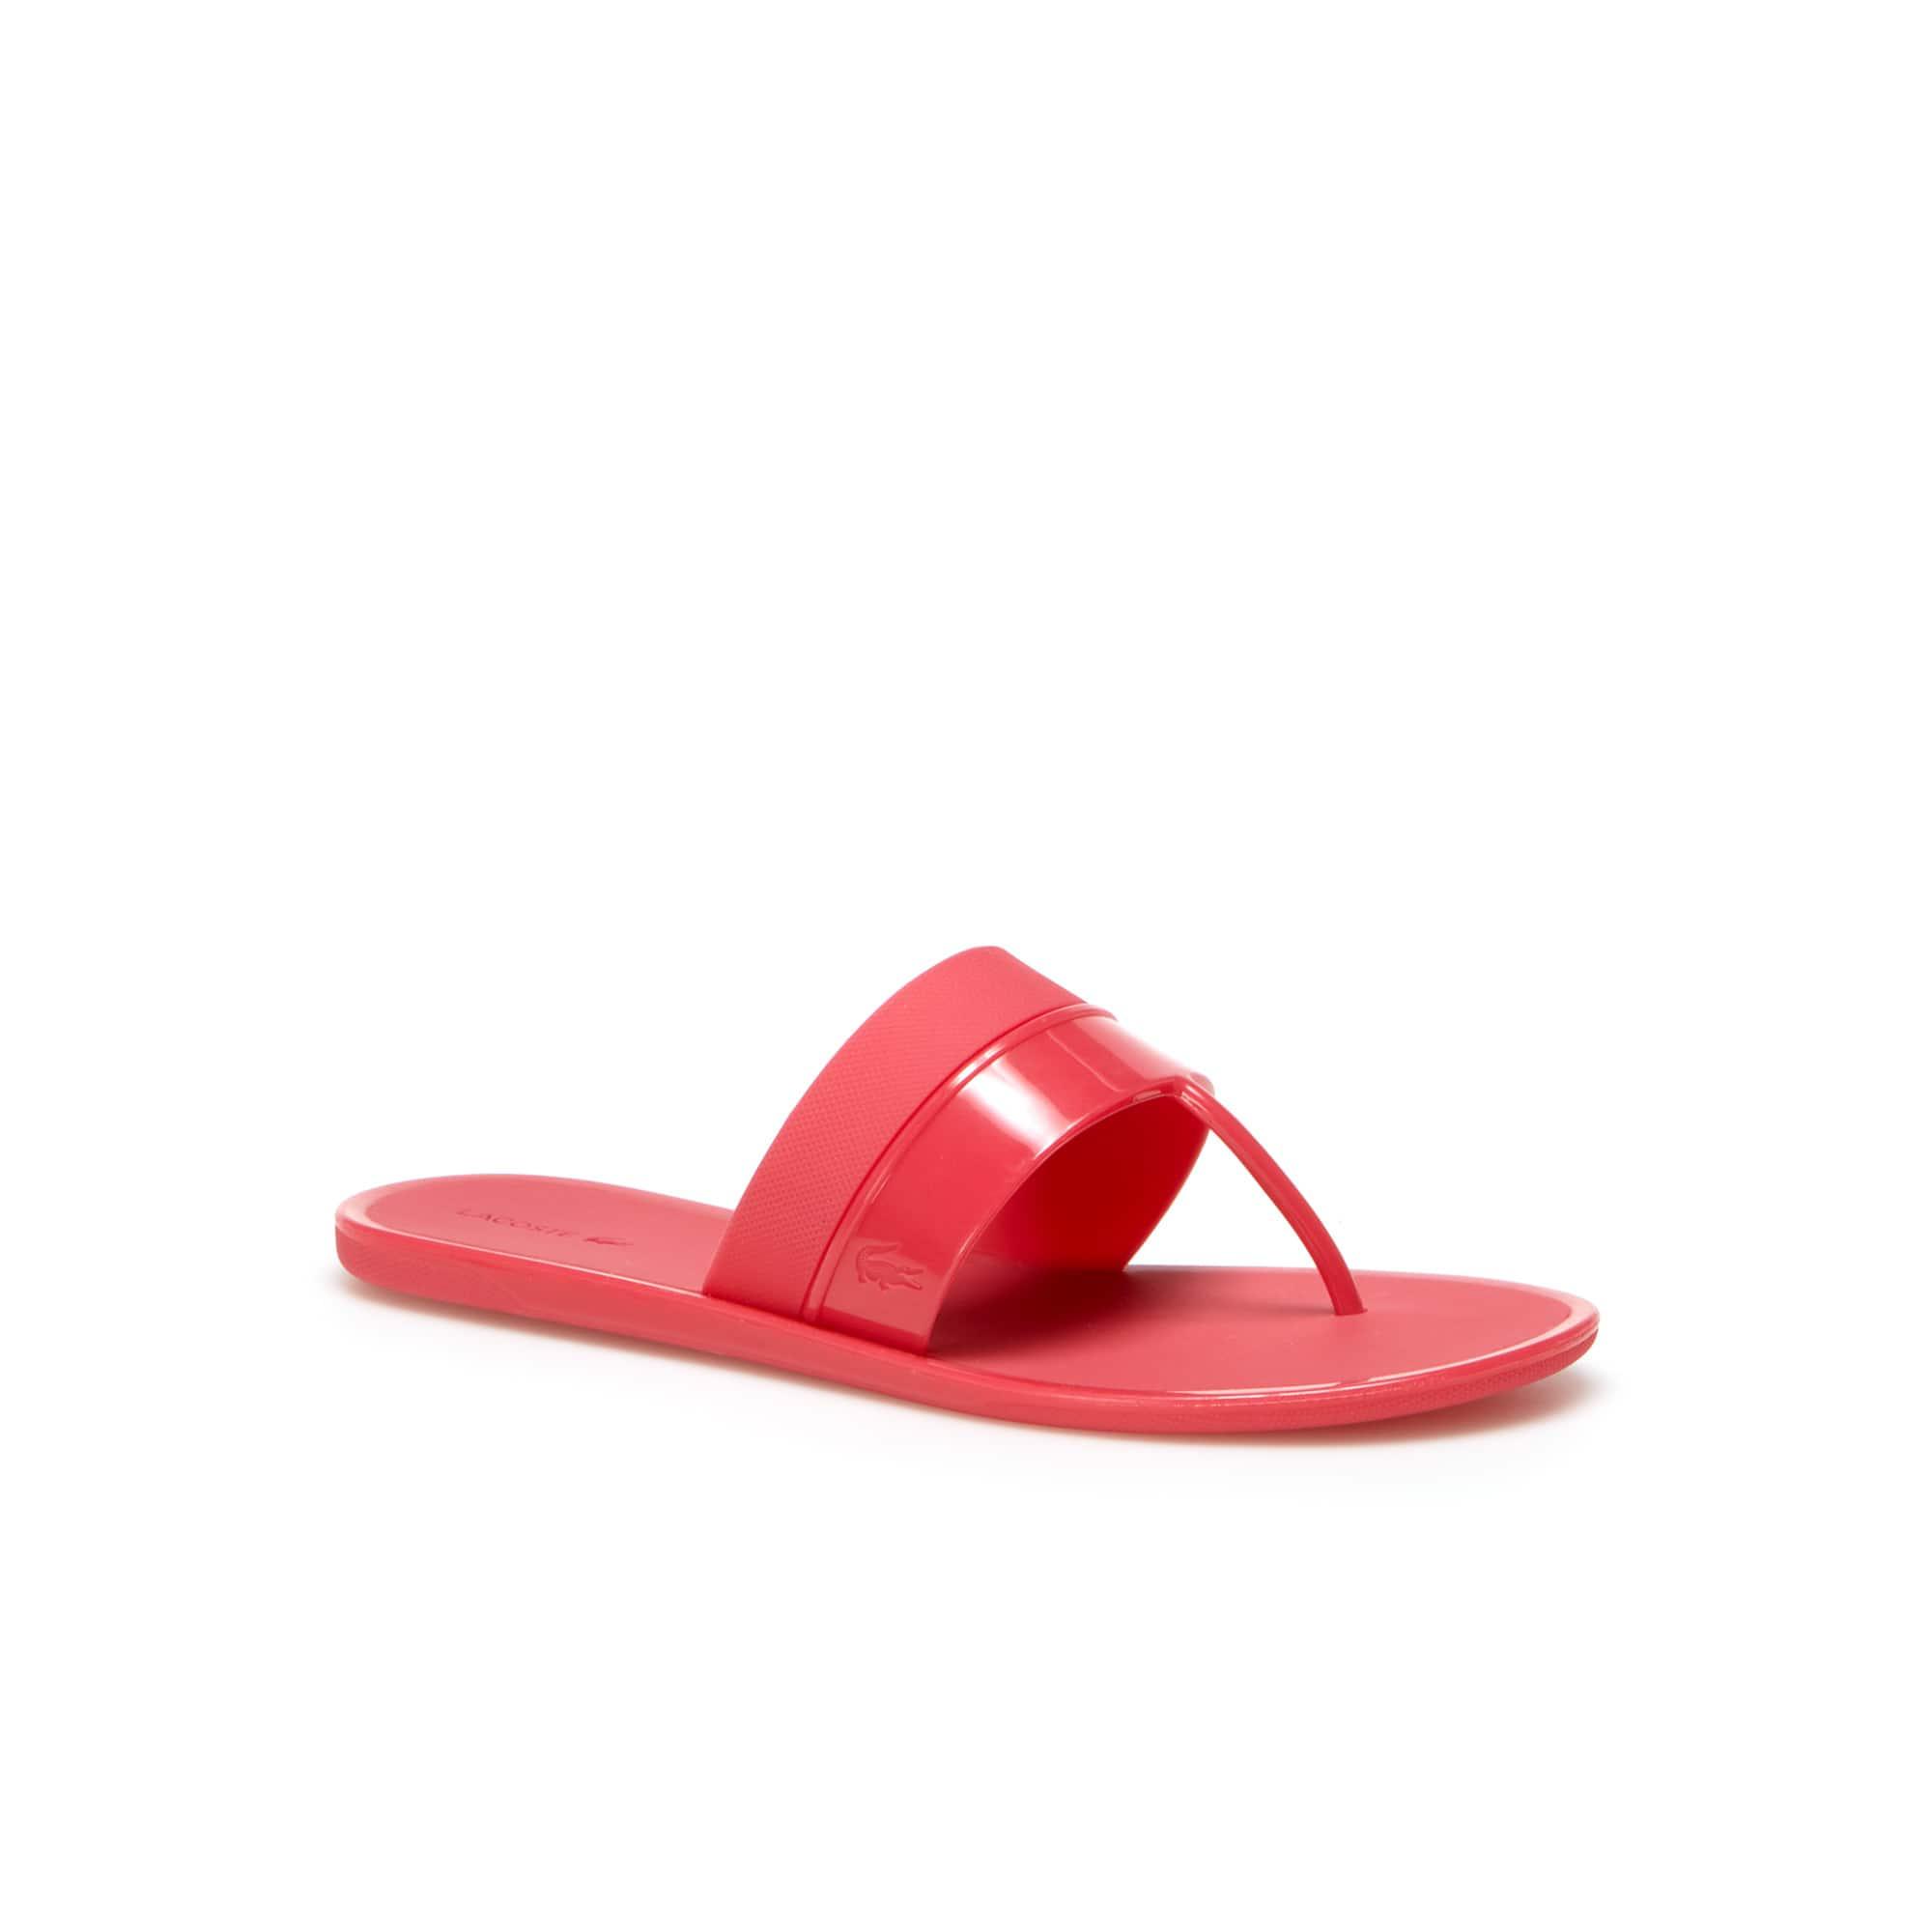 Women's Promenade Bi-Material Flip-Flops